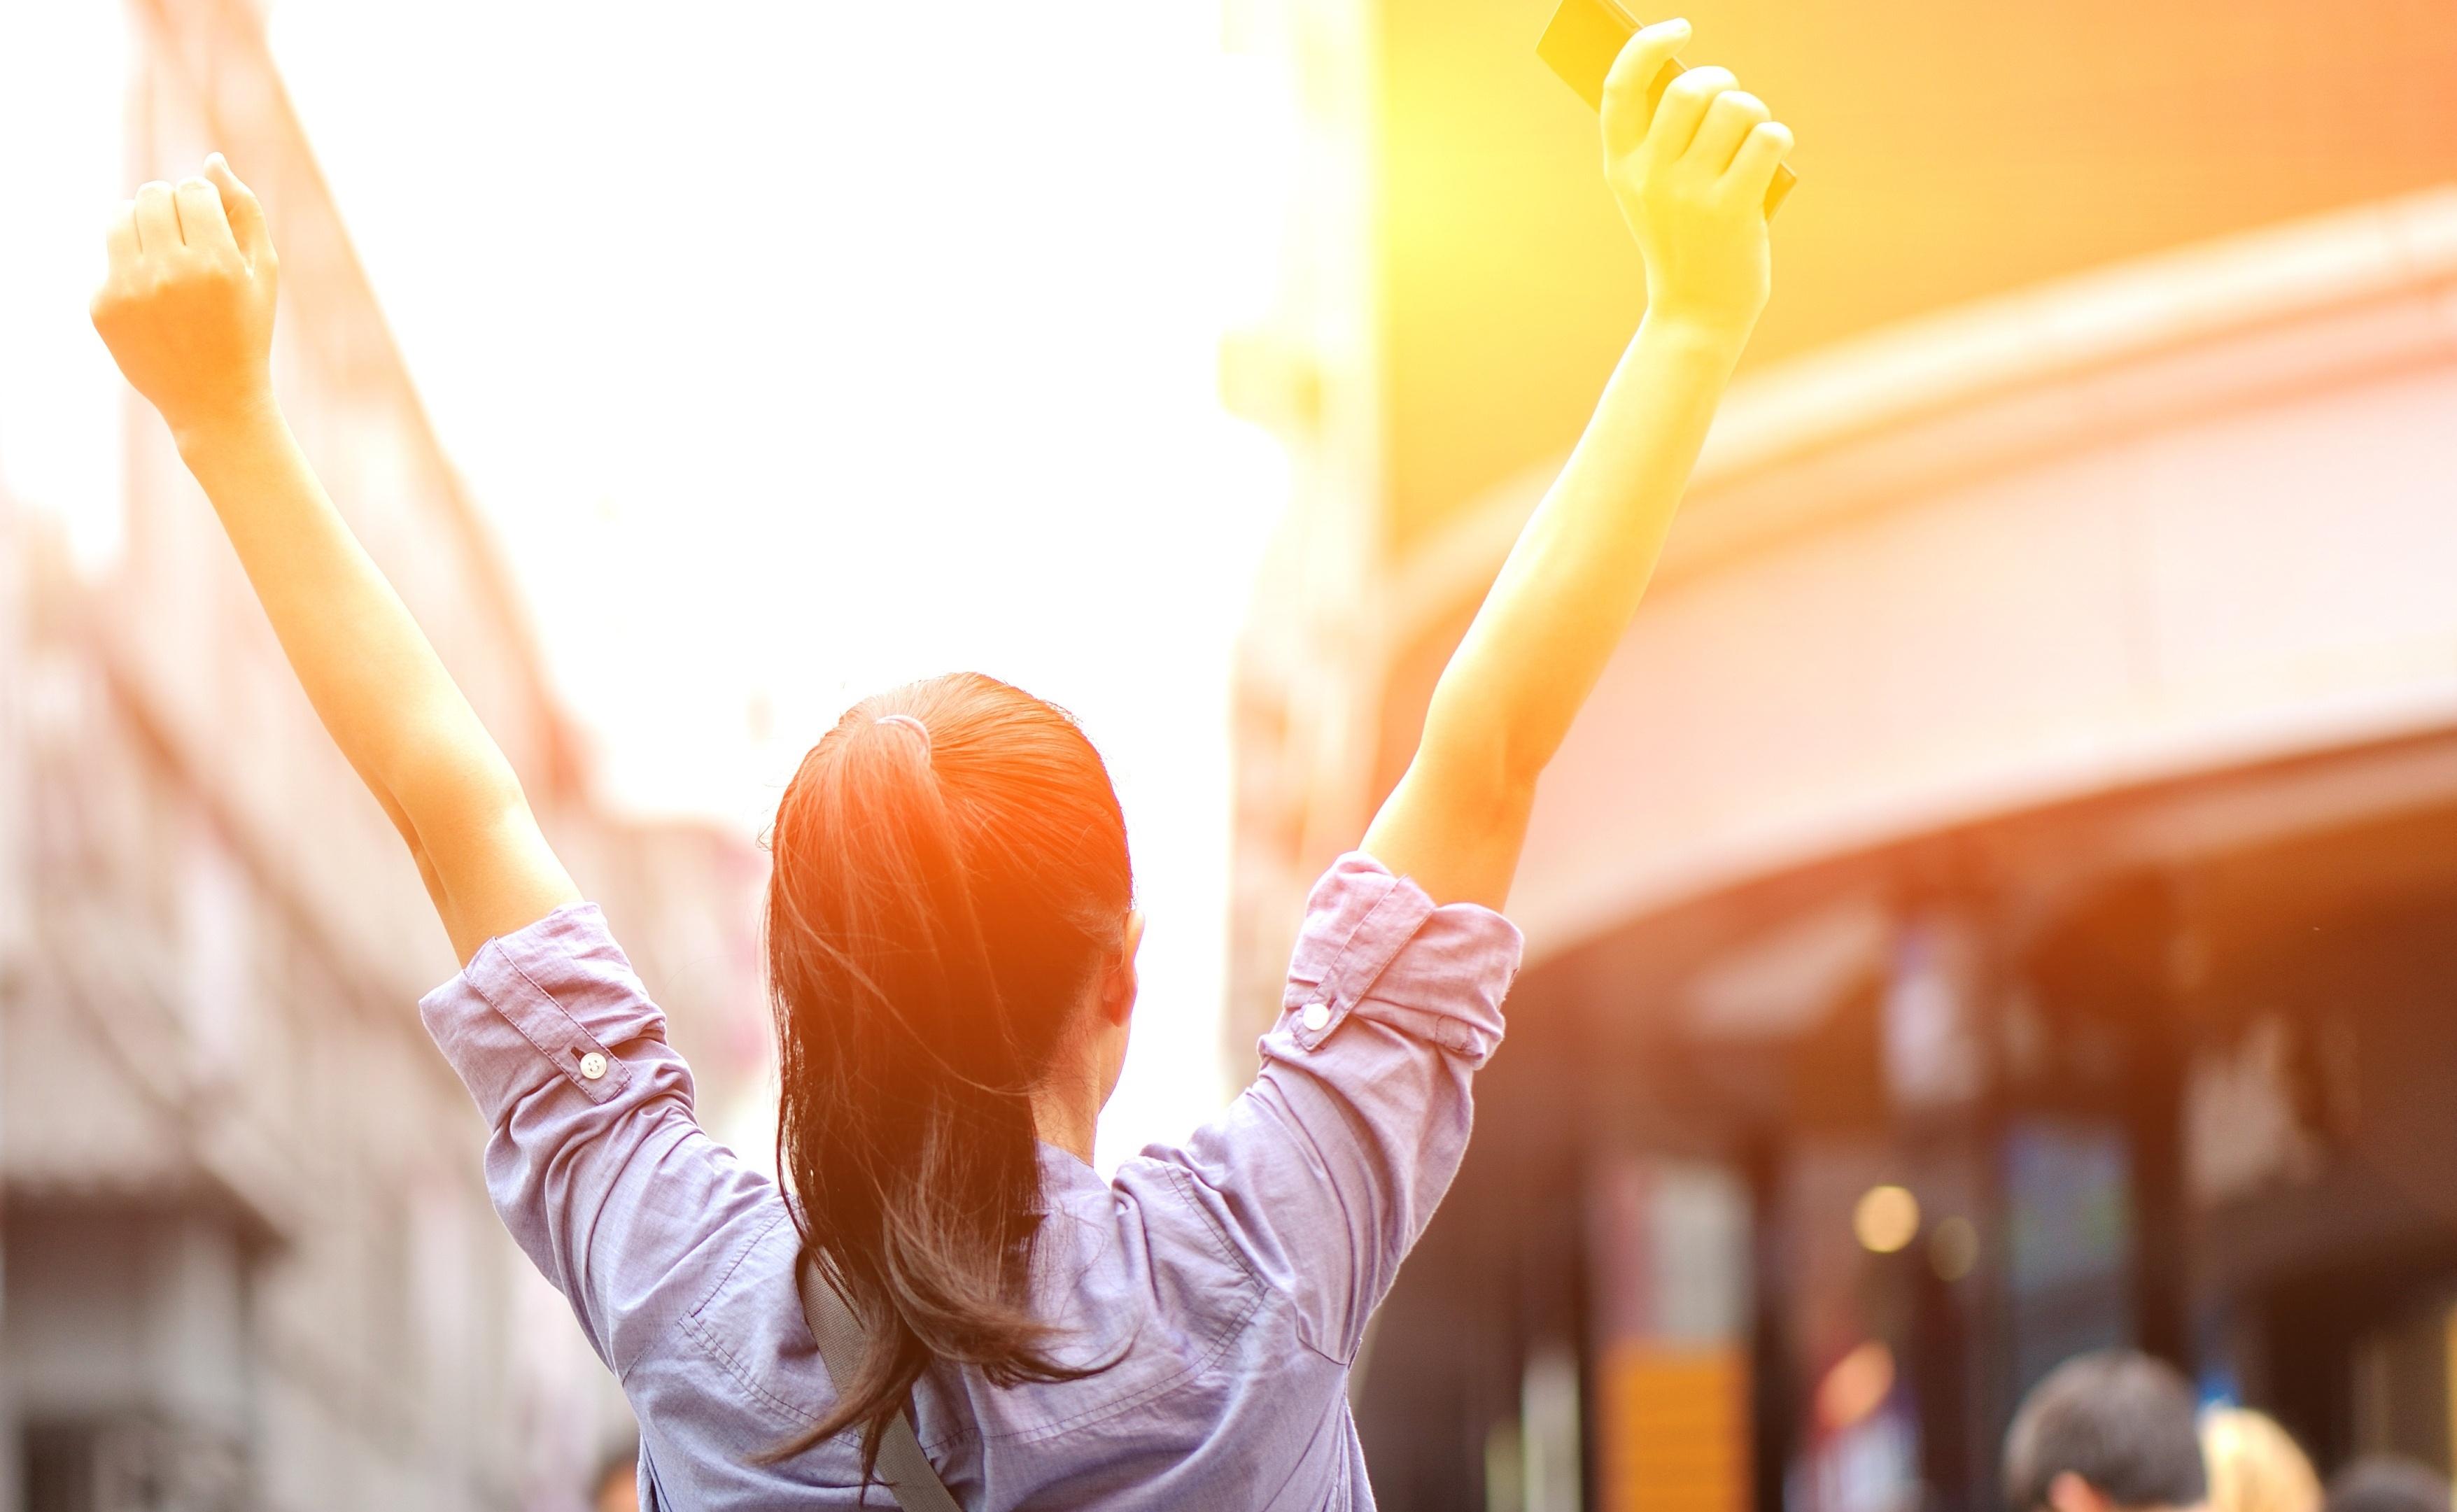 Webinario gratuito: 5 pasos para convertirte en una agencia de inbound marketing de éxito